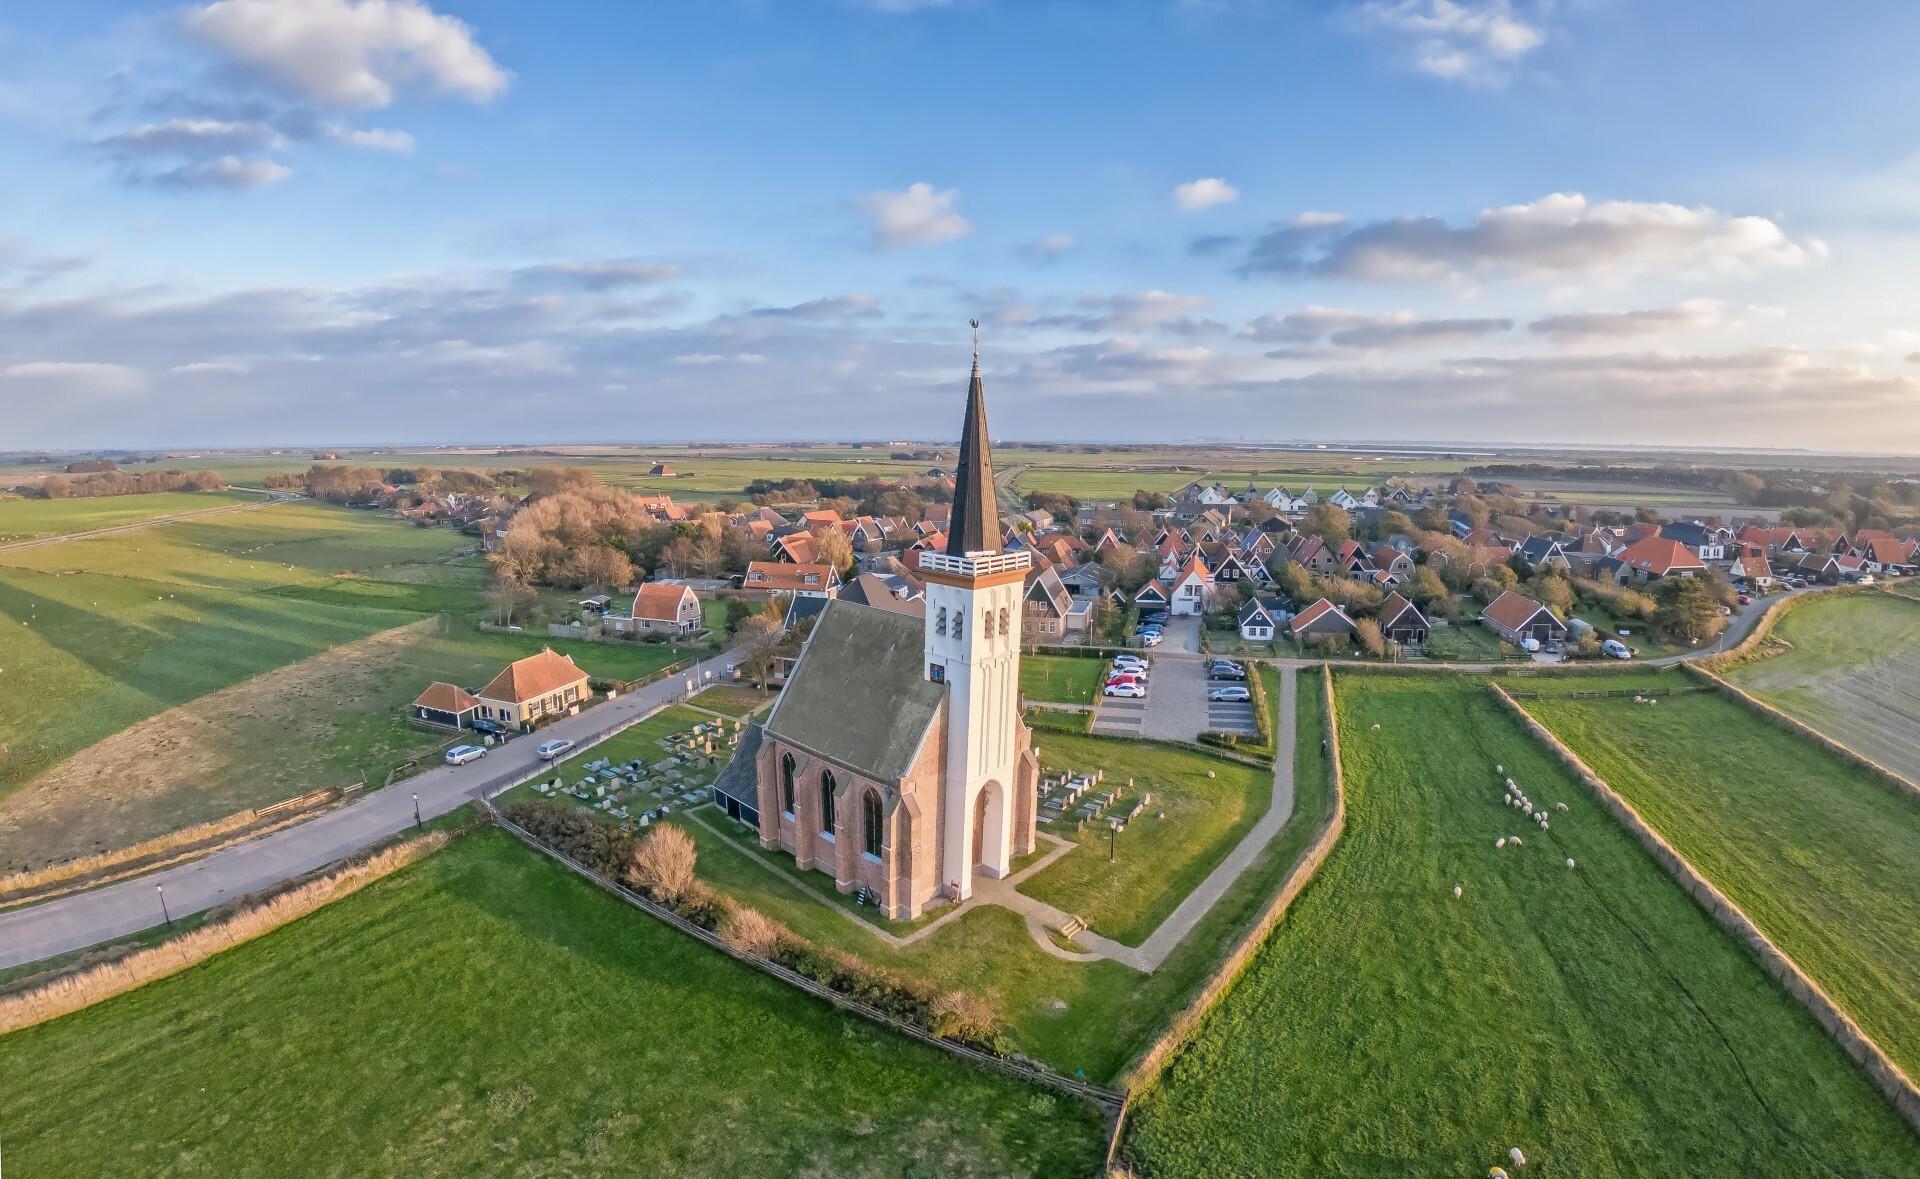 Luchtfoto kerk Den Hoorn met dorp erachter VVV Texel fotograaf Justin Sinner